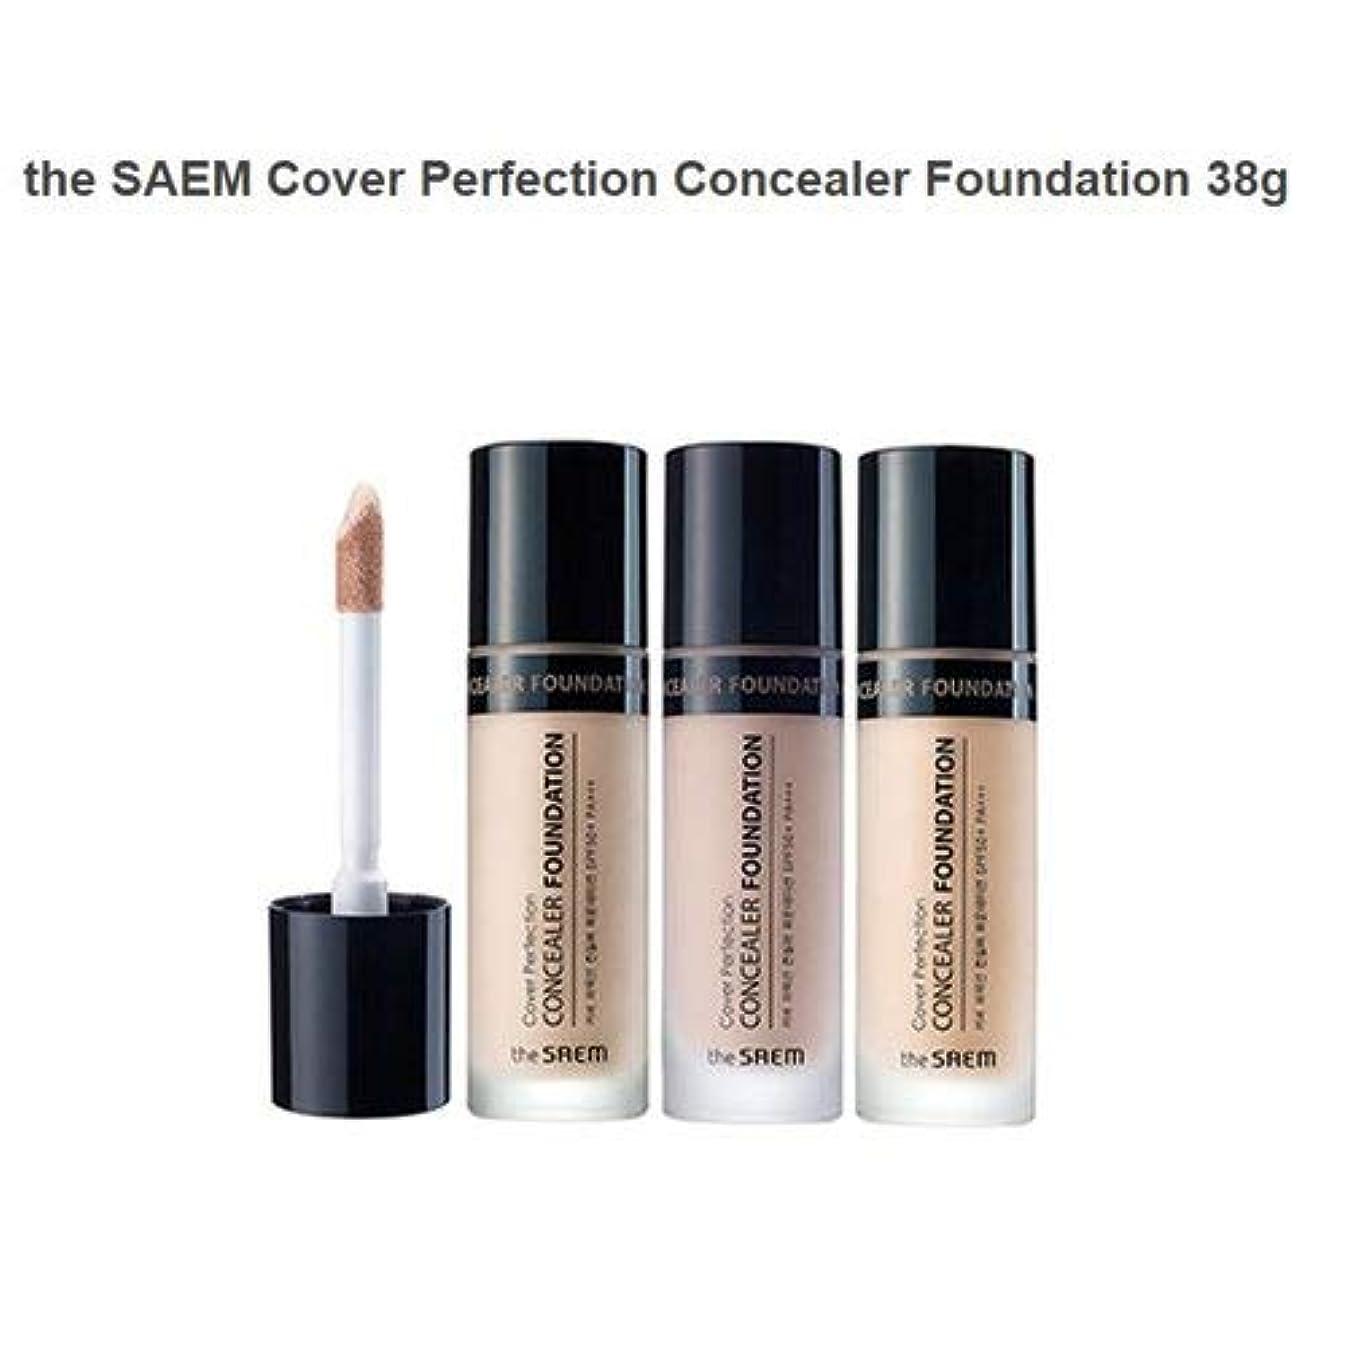 暴行霧威する【The Saem】カバーパーフェクションコンシーラーファンデーション Cover Perfection CONCEALER FOUNDATION 【SPF50+ PA+++】 ((ConclearFoundation) 02 リッチベージュ)